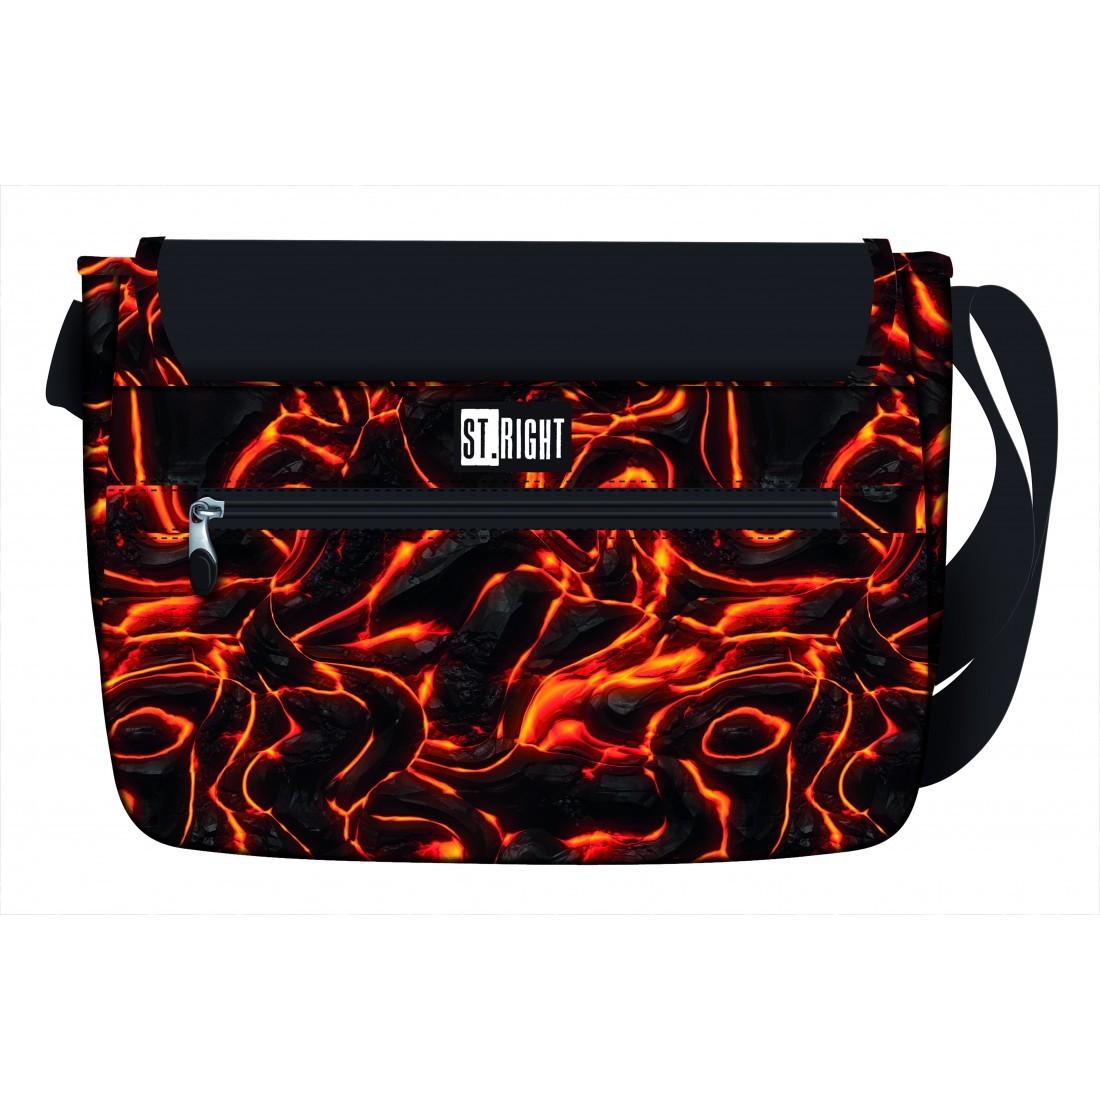 Listonoszka ST.RIGHT LAVA torba na ramię gorąca czerwona lawa SB01